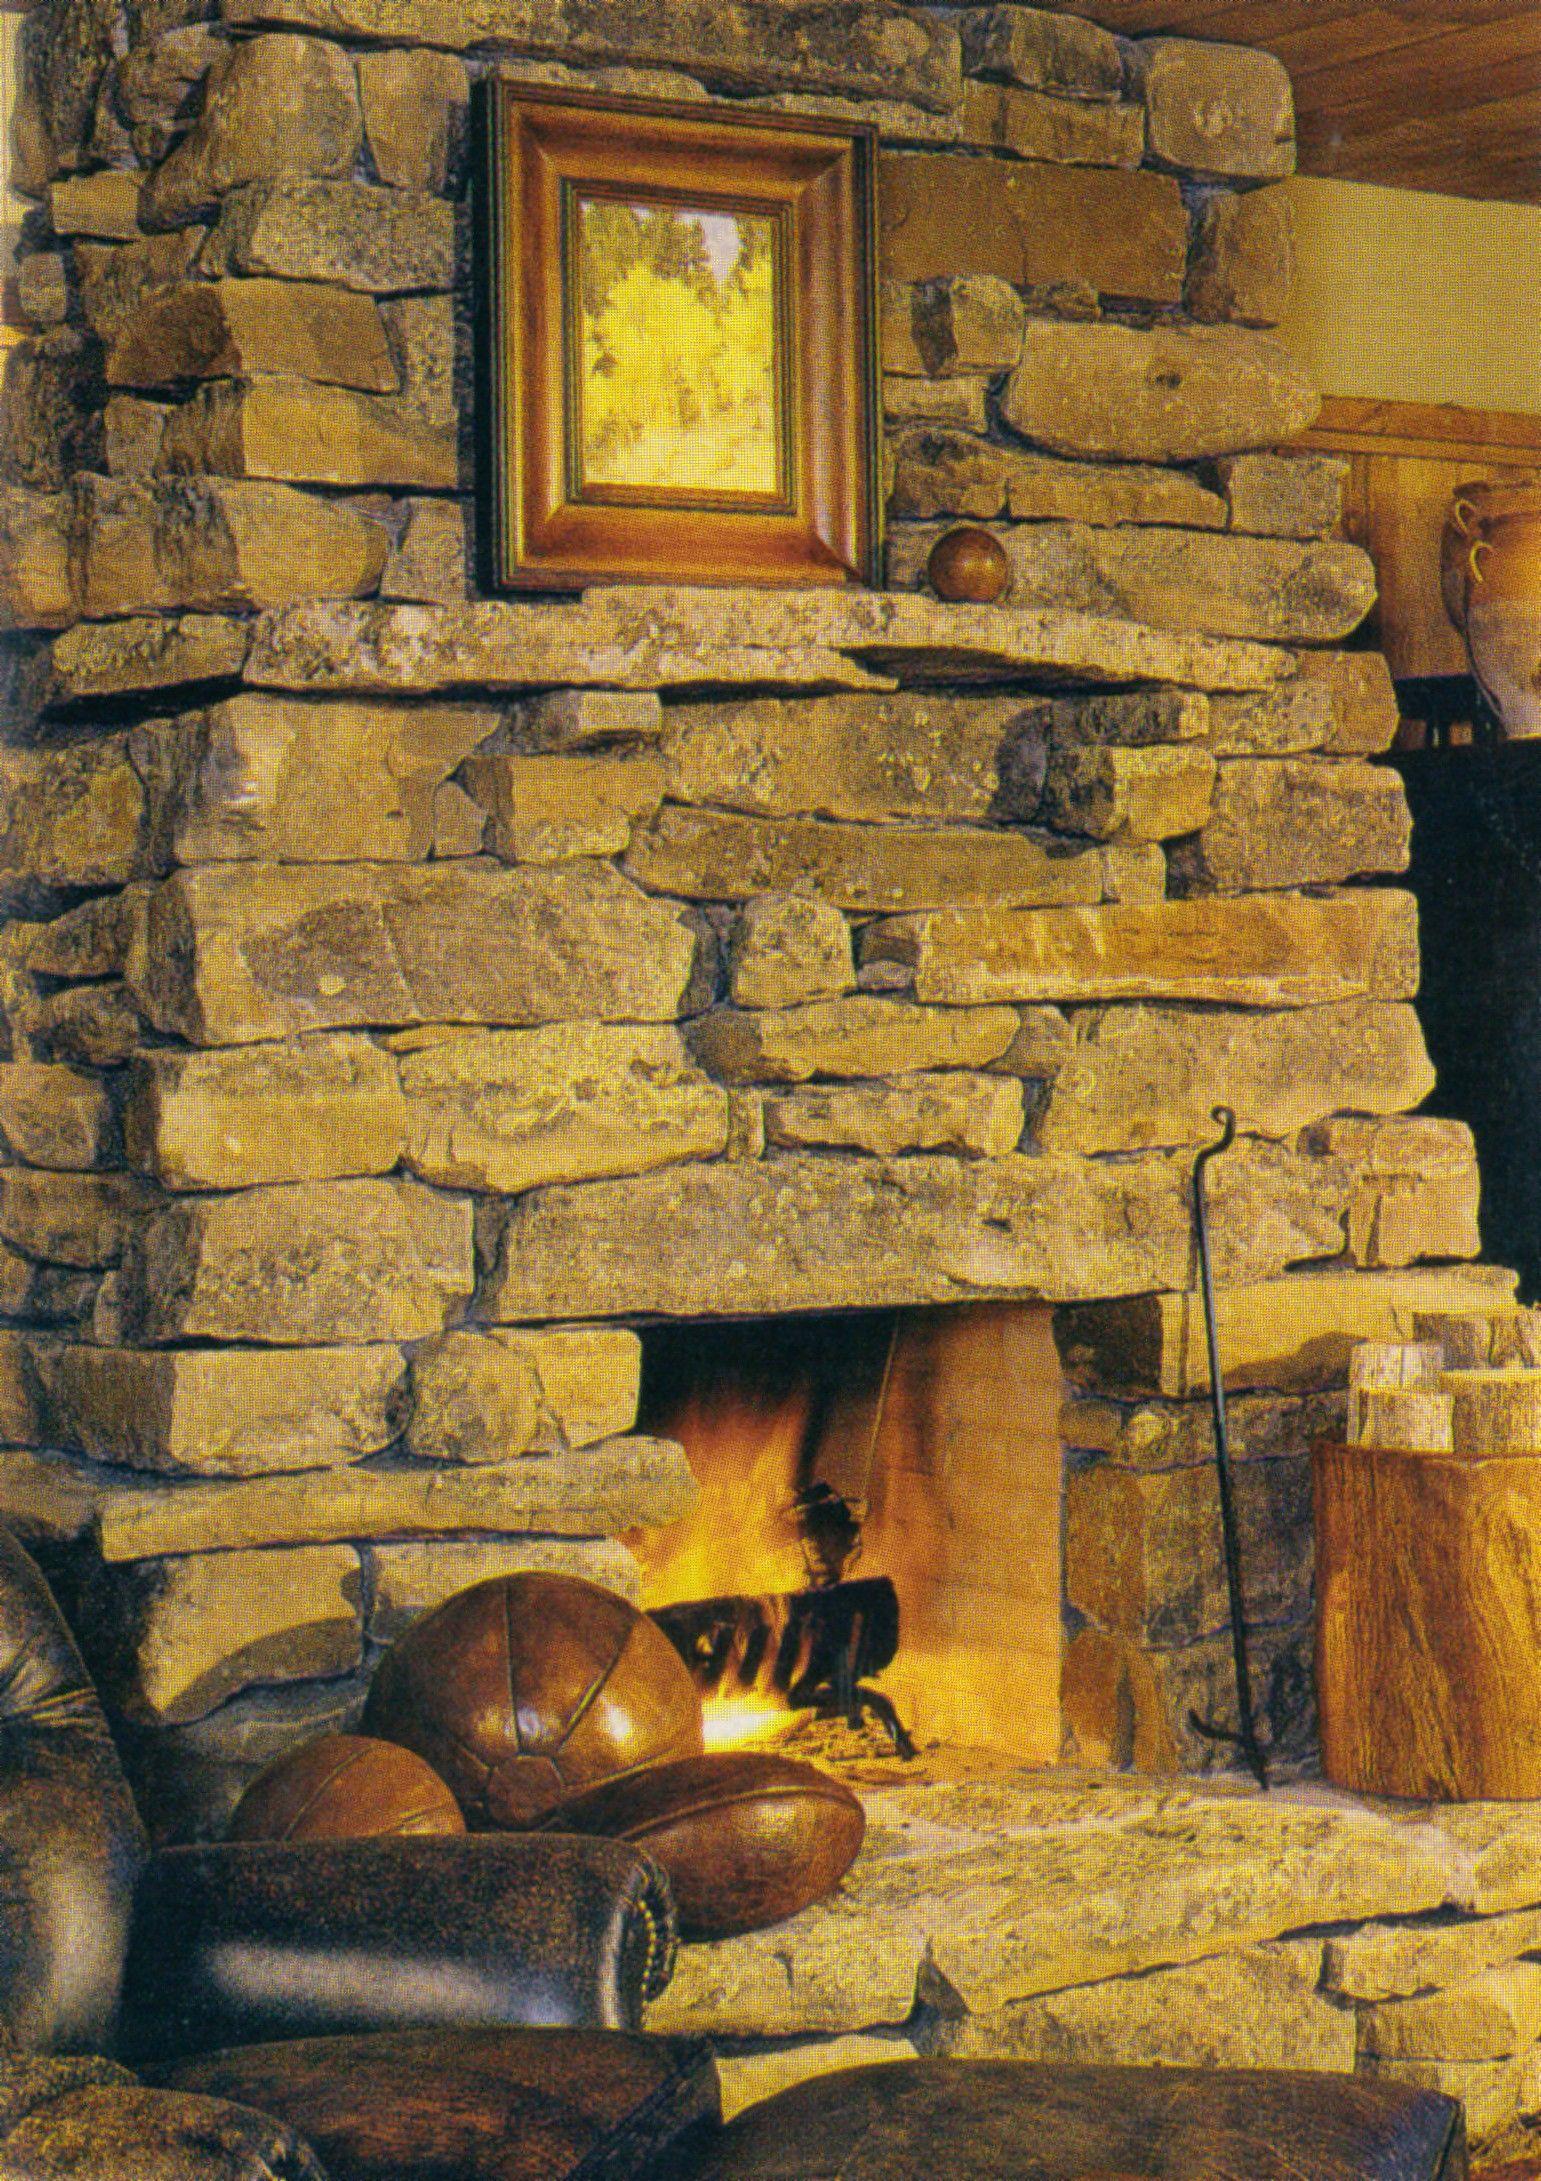 Field Stone Fireplace fieldstone fireplaces | fieldstone fireplace with integral mantle